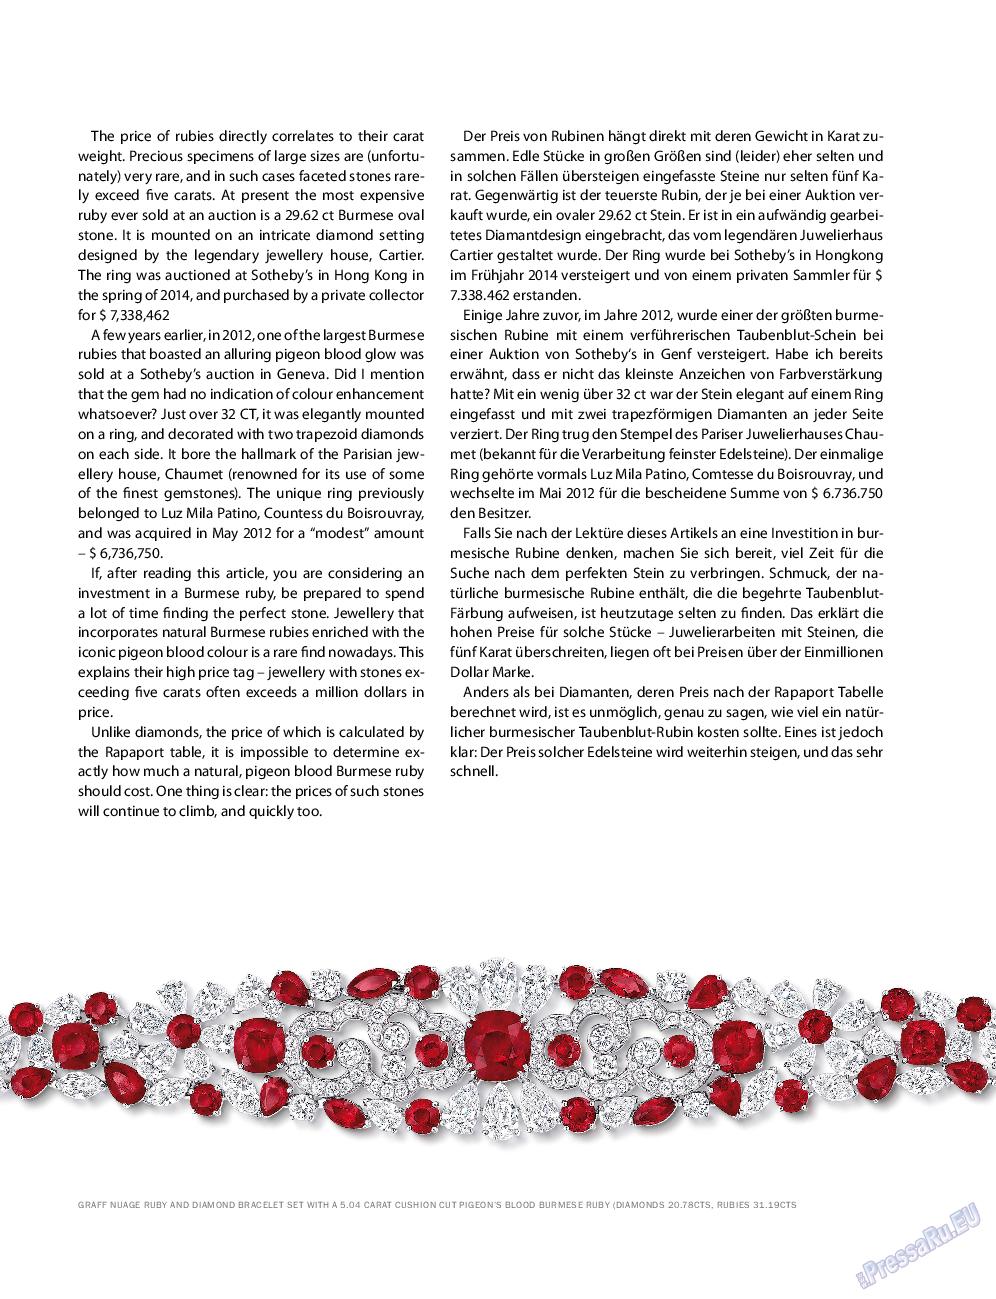 Клан (журнал). 2014 год, номер 7, стр. 168